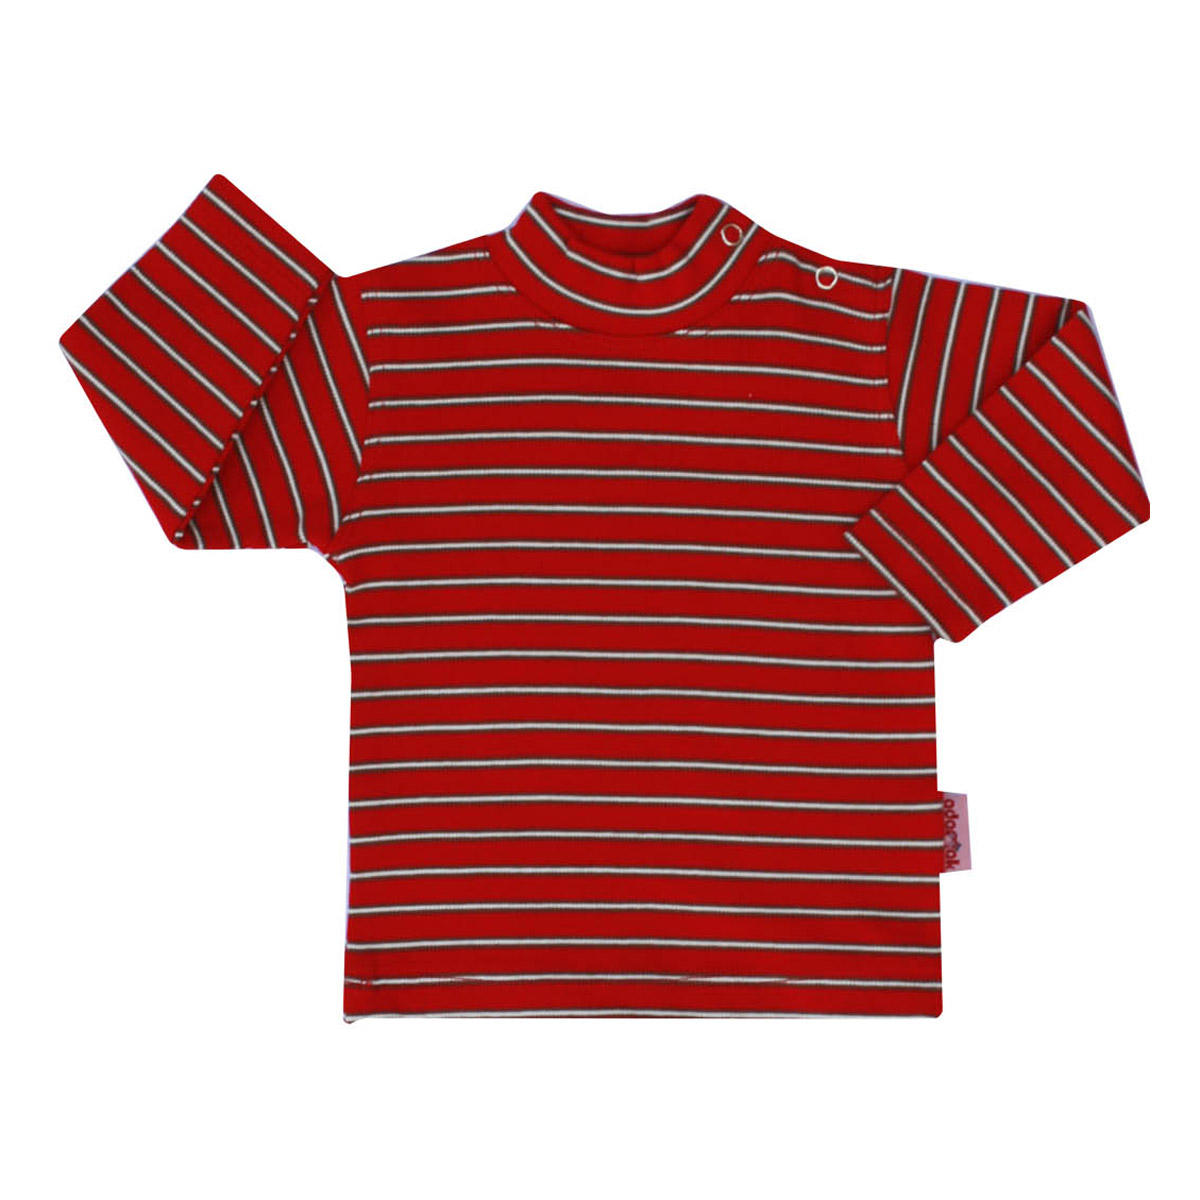 تی شرت دخترانه آدمک طرح راه راه کد 144301 -  - 3